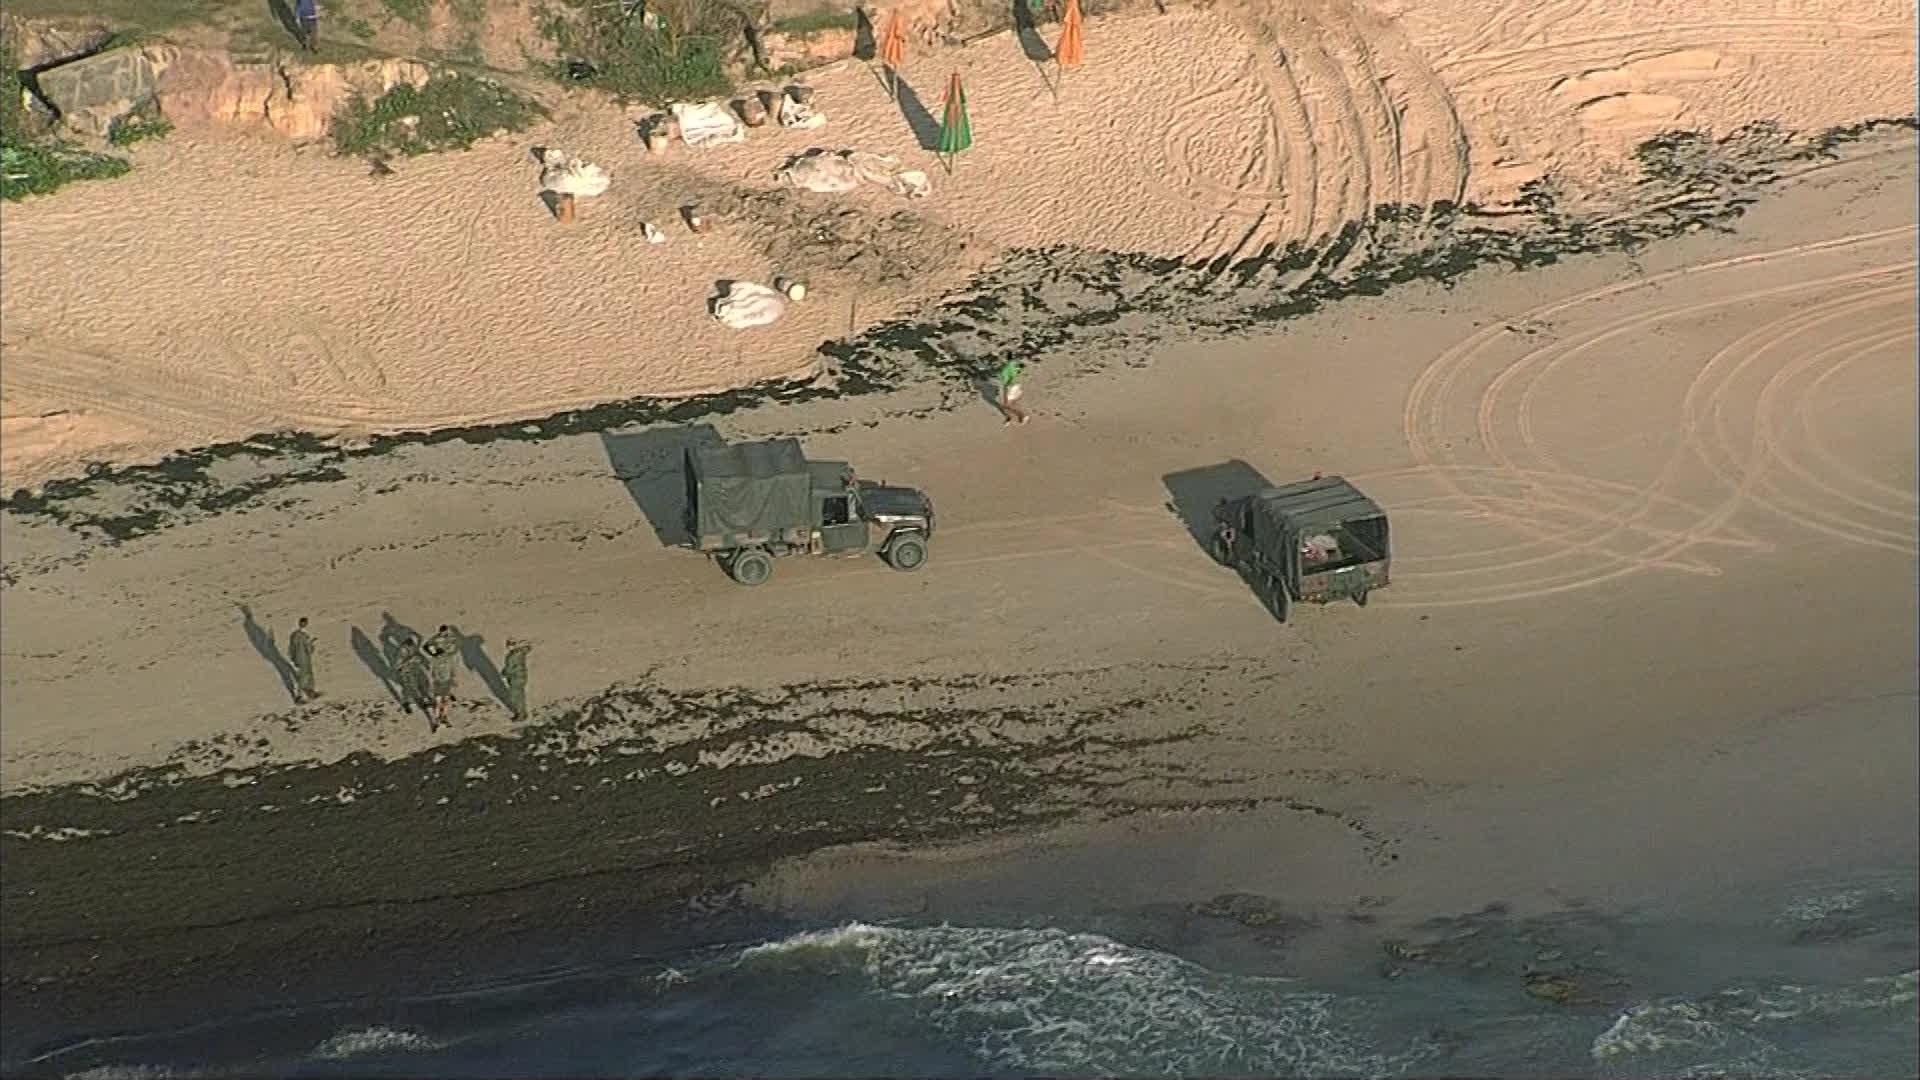 Exército reforça limpeza de praias atingidas por óleo no litoral pernambucano - Notícias - Plantão Diário